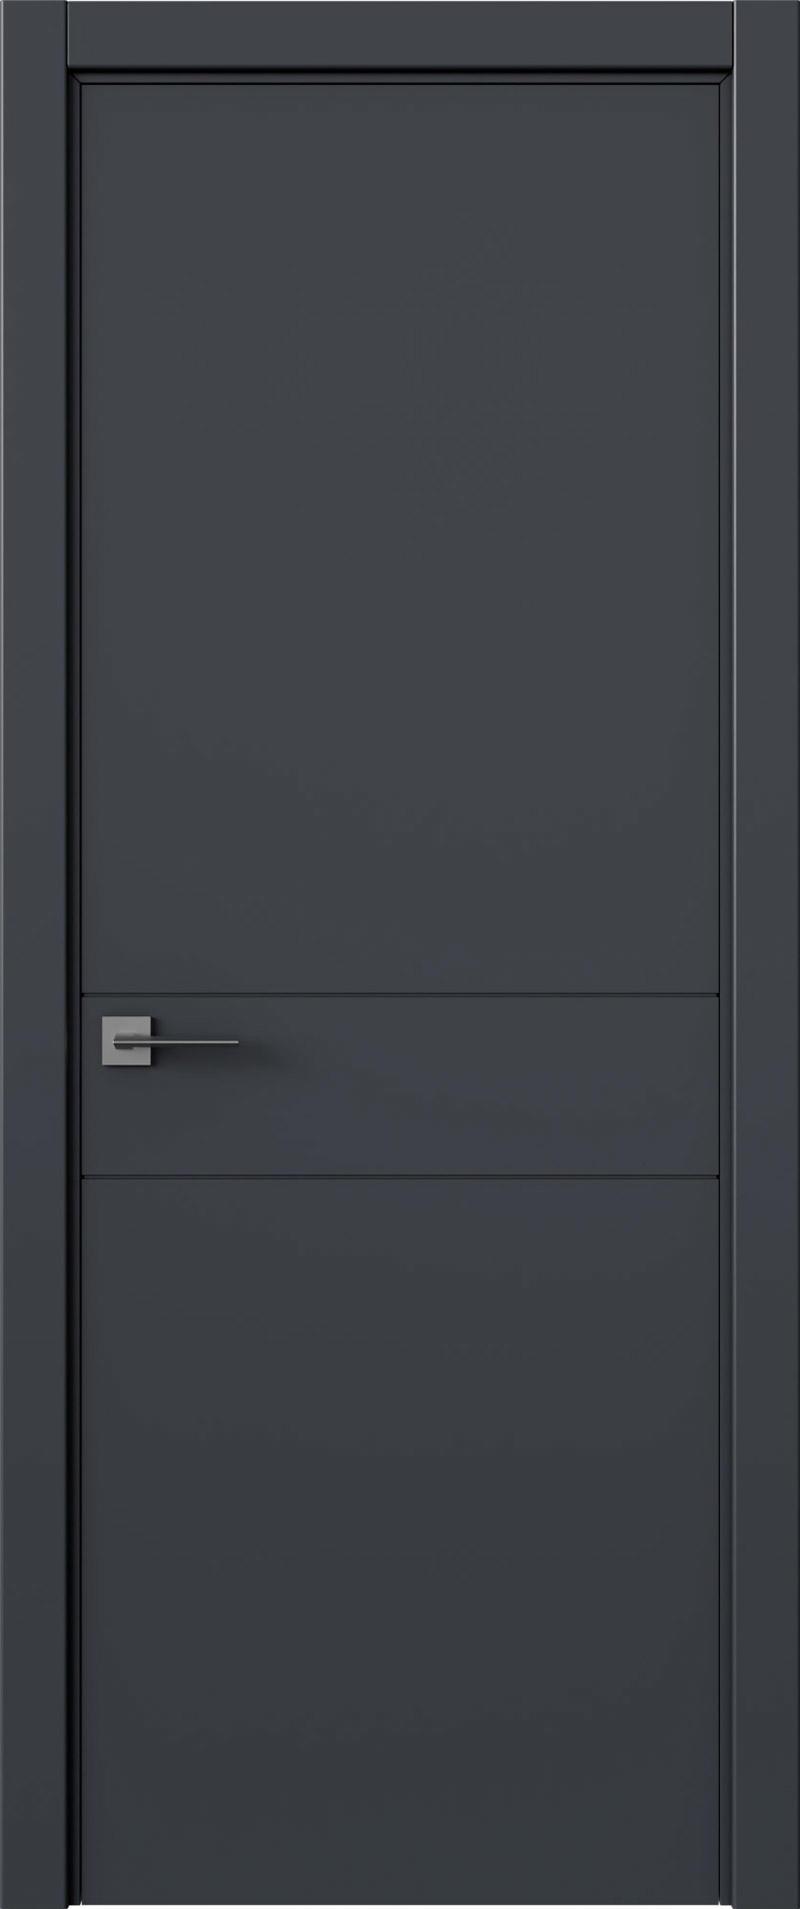 Tivoli И-2 цвет - Графитово-серая эмаль (RAL 7024) Без стекла (ДГ)